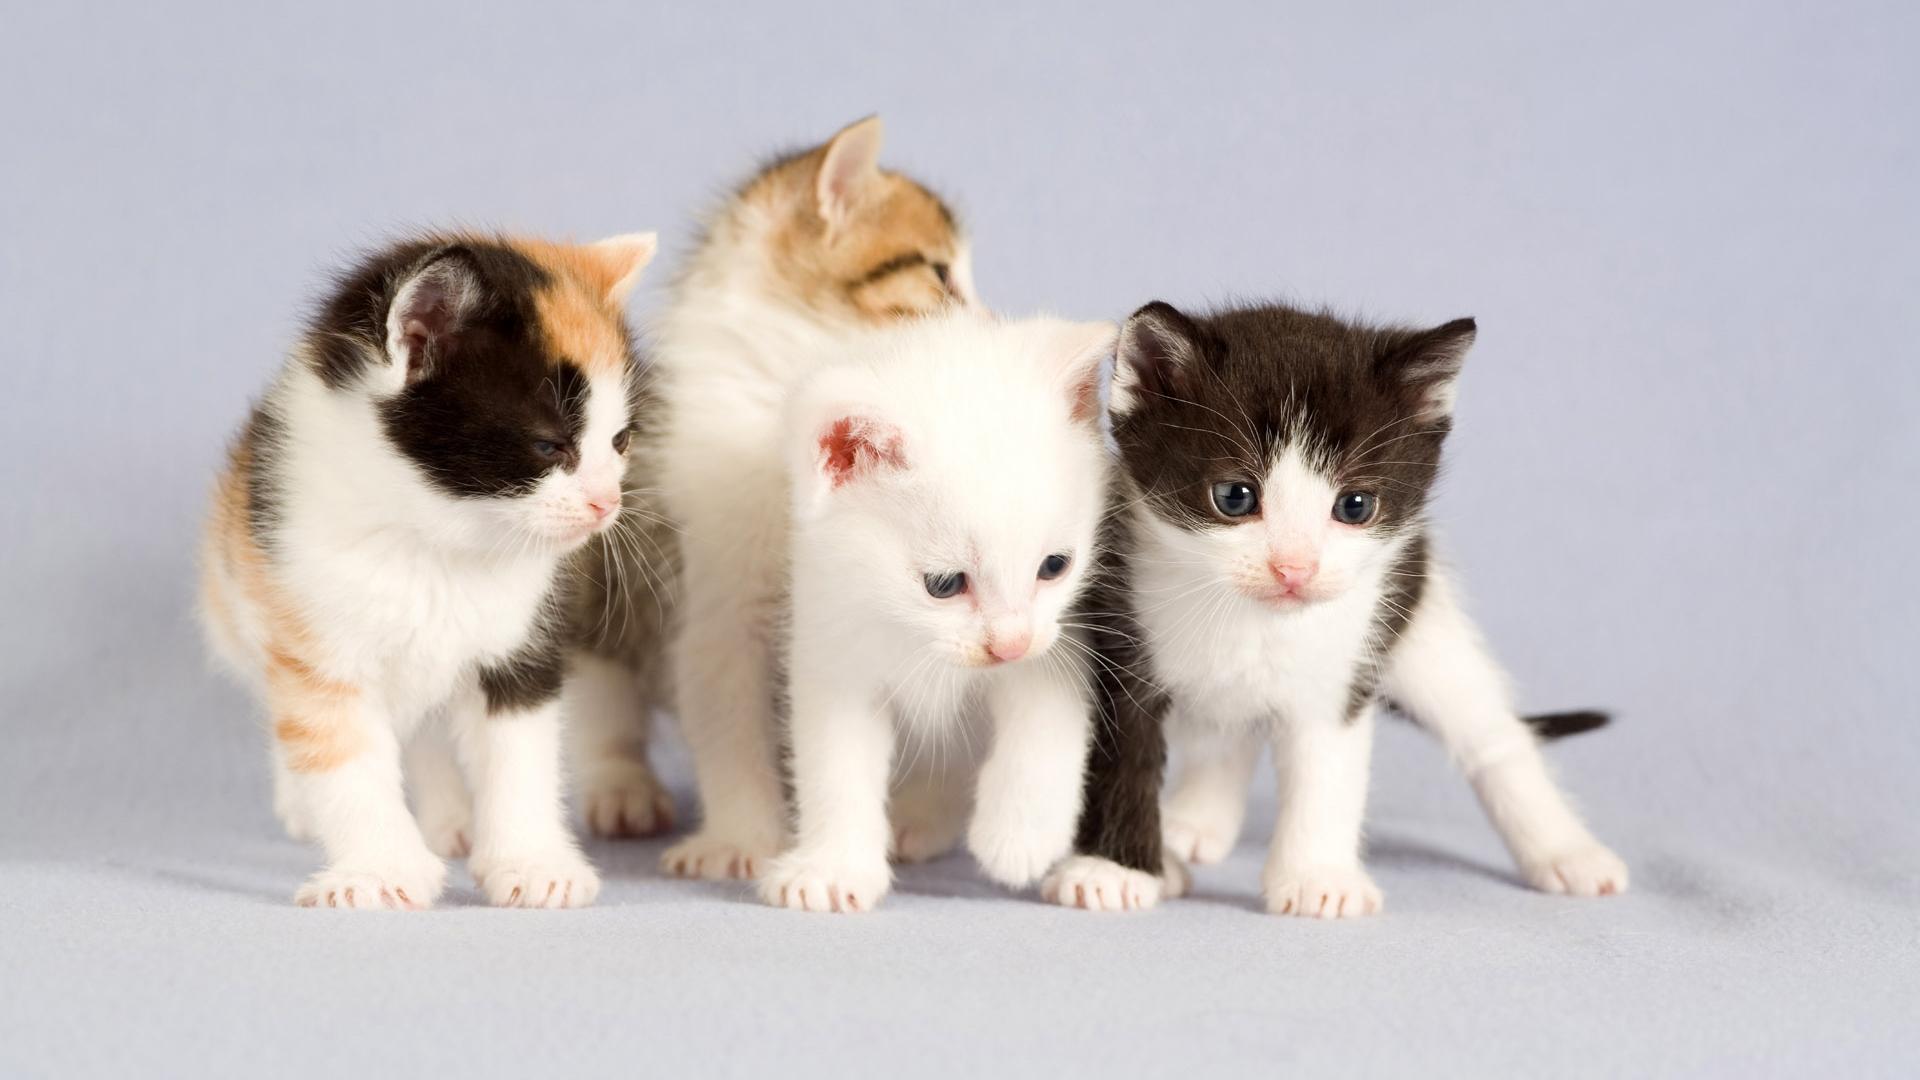 بالصور صور قطط كيوت , قطط شكلها جميل 4857 7